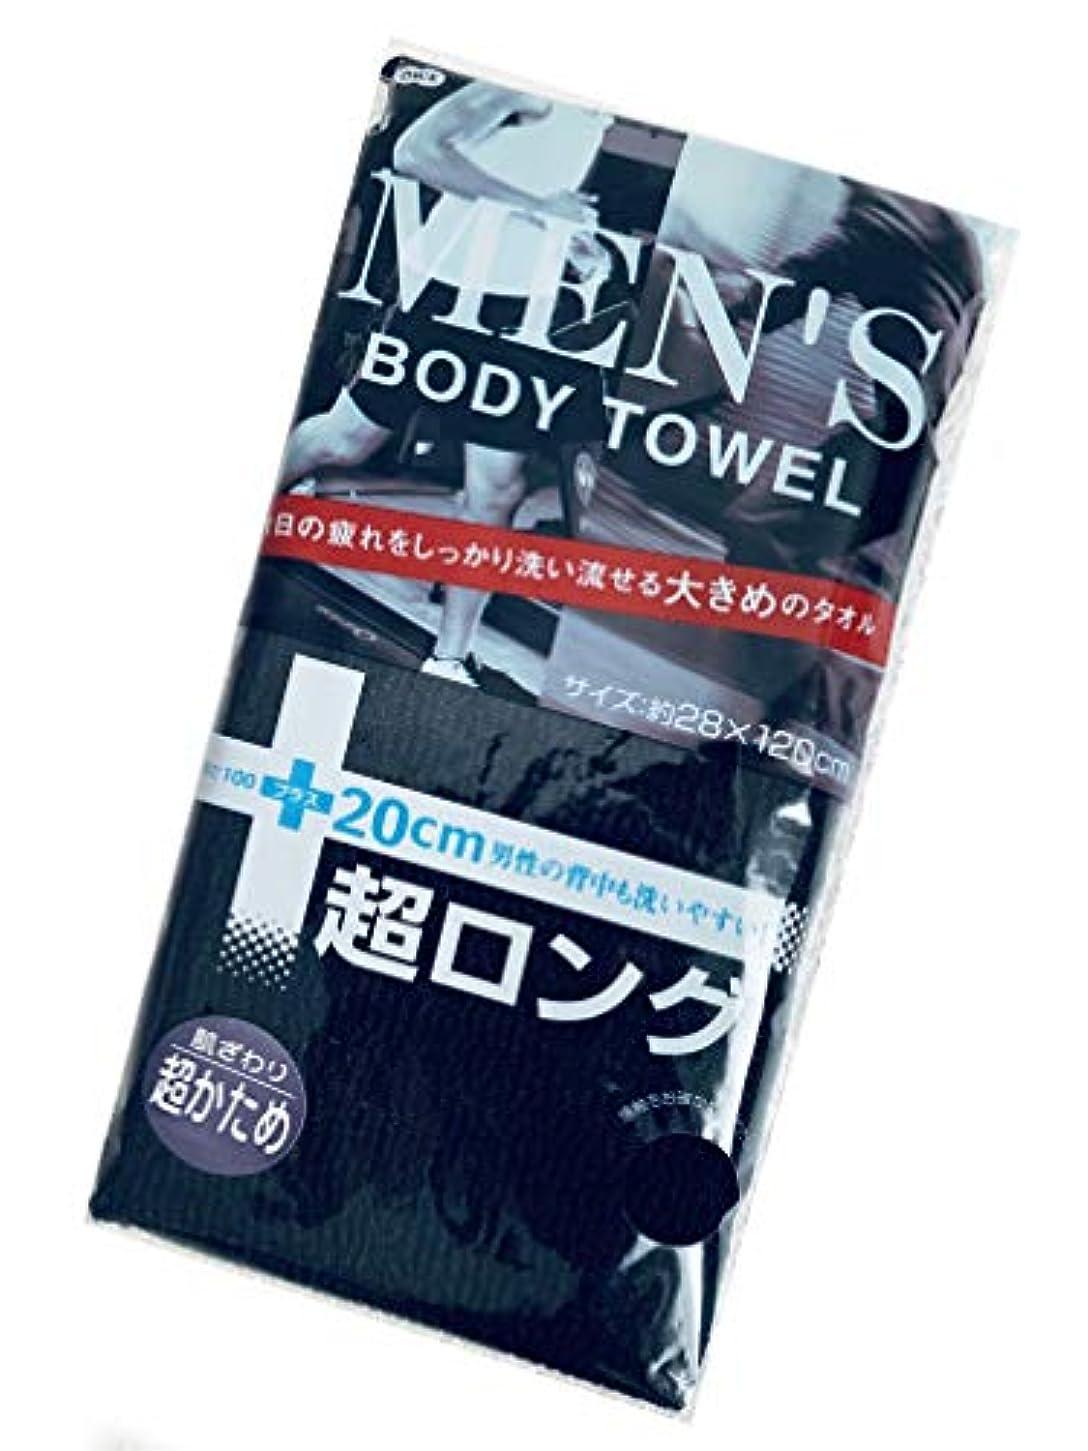 扱いやすい透けて見える繁雑メンズ ボディタオル ブラック 28cm×120cm 超ロング